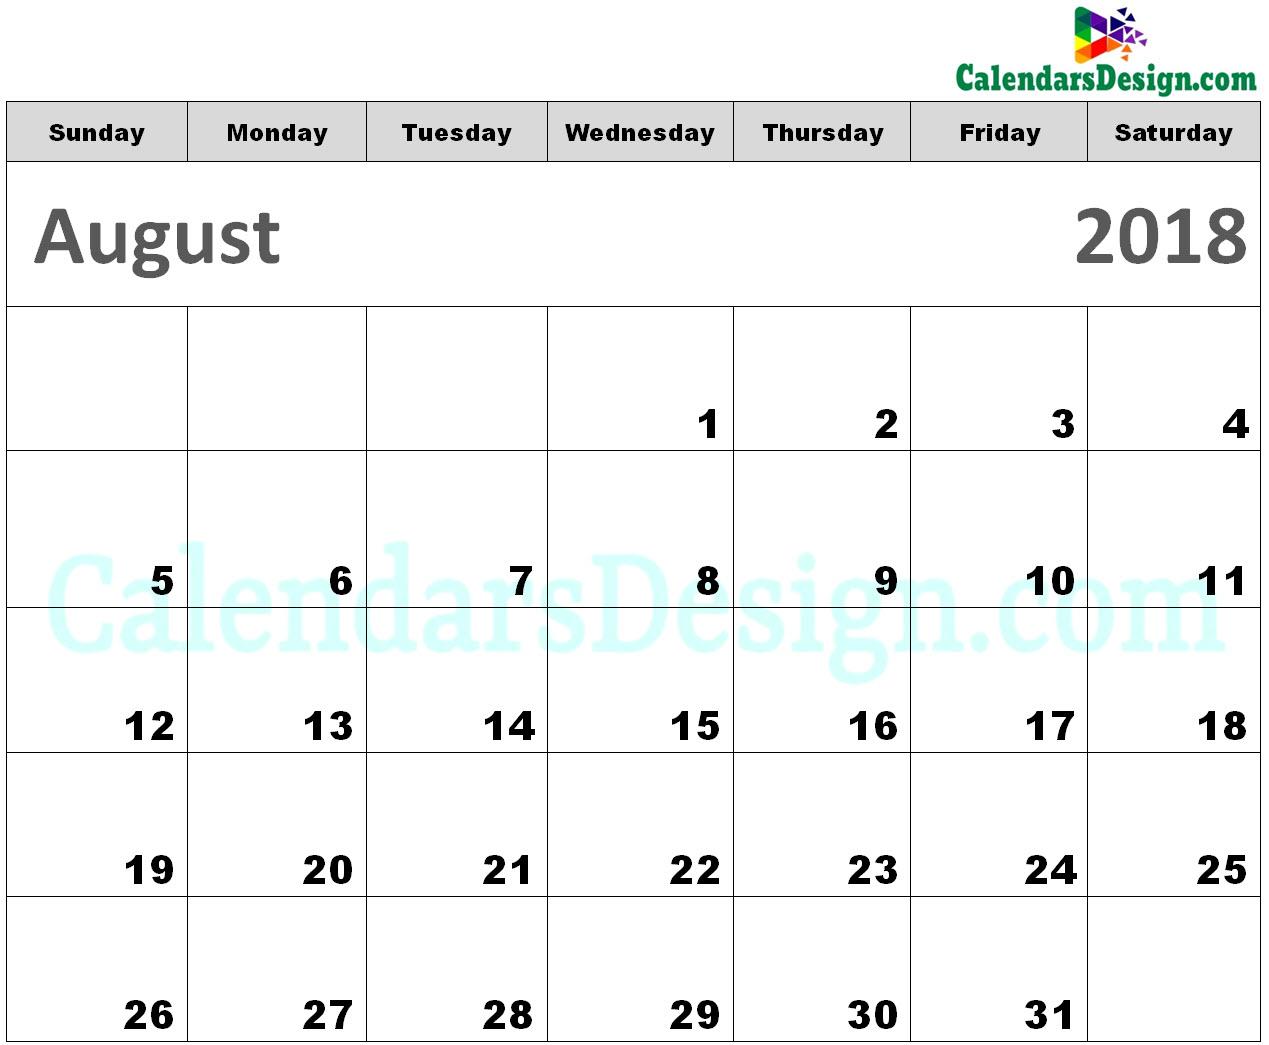 Printable Calendar for August 2018